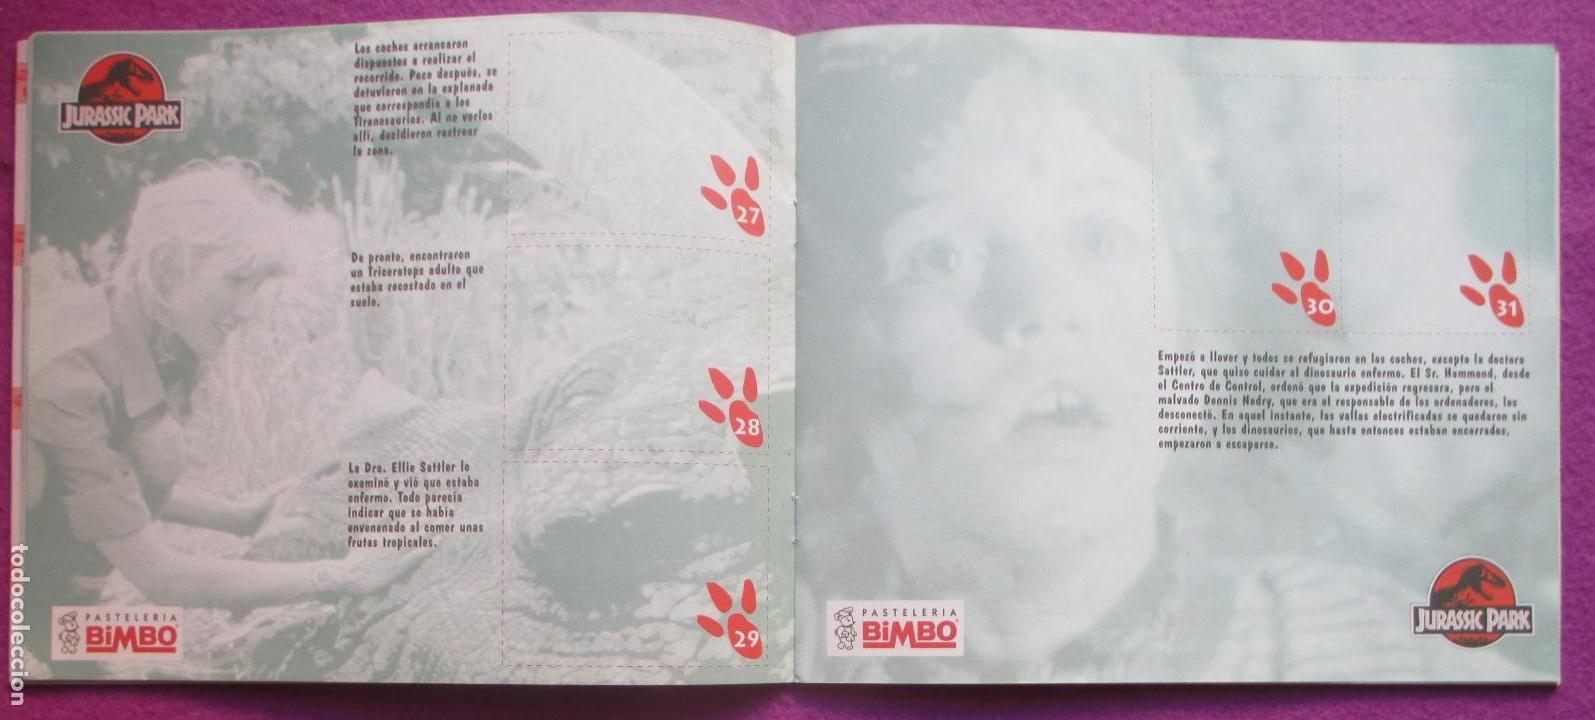 Album cromos dino album, jurassic park, bimbo, - Sold at Auction